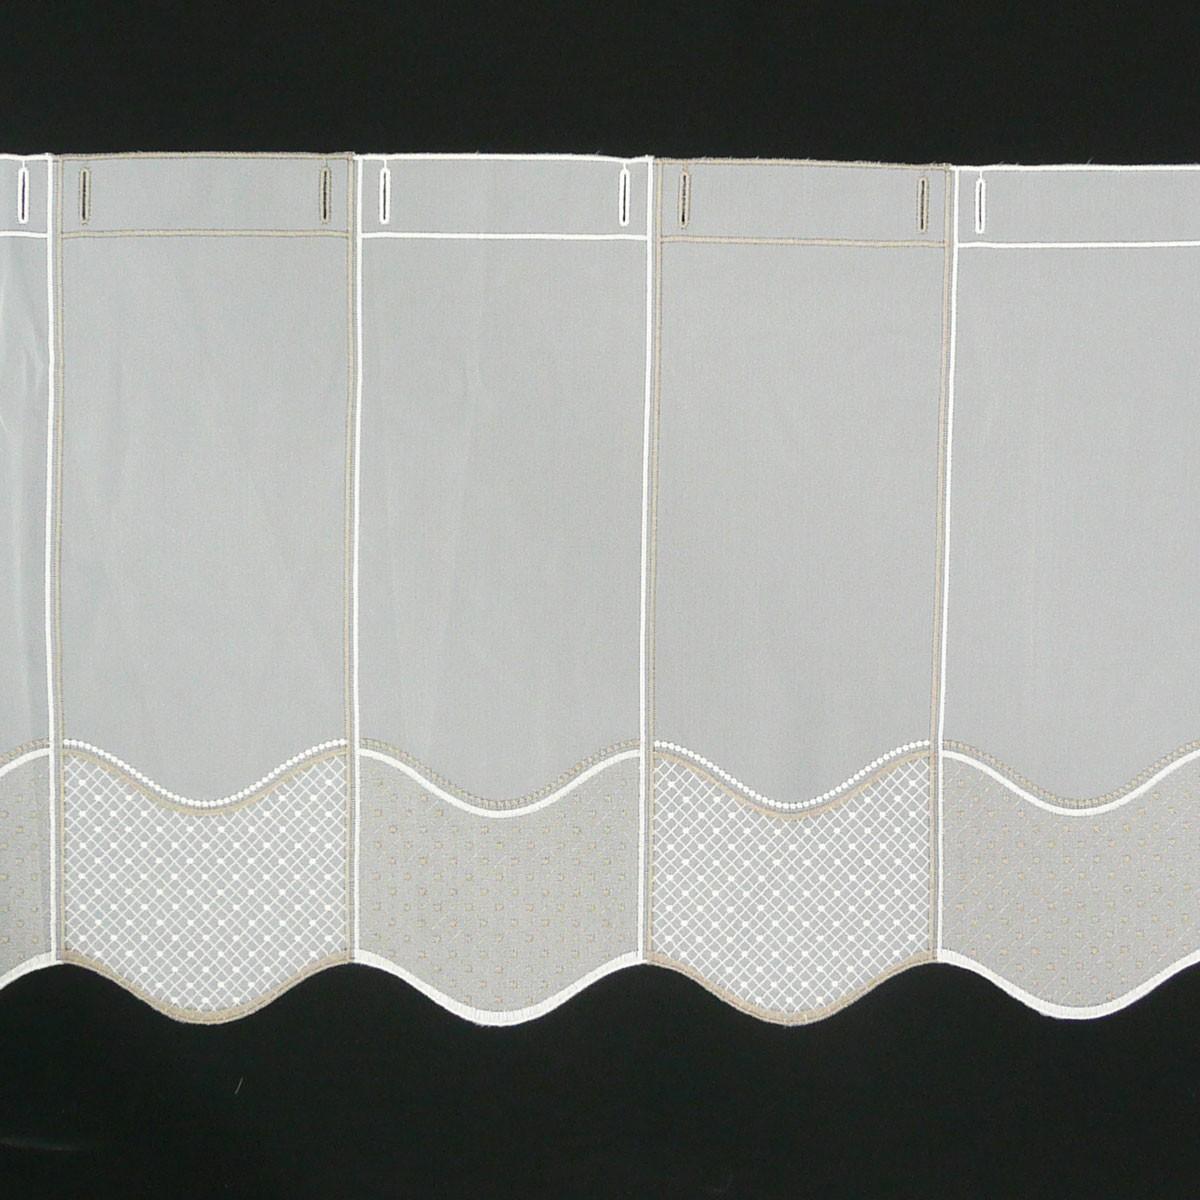 bistrogardine scheibengardine meterware stickerei braun wei 45cm h he gardinenstoffe. Black Bedroom Furniture Sets. Home Design Ideas